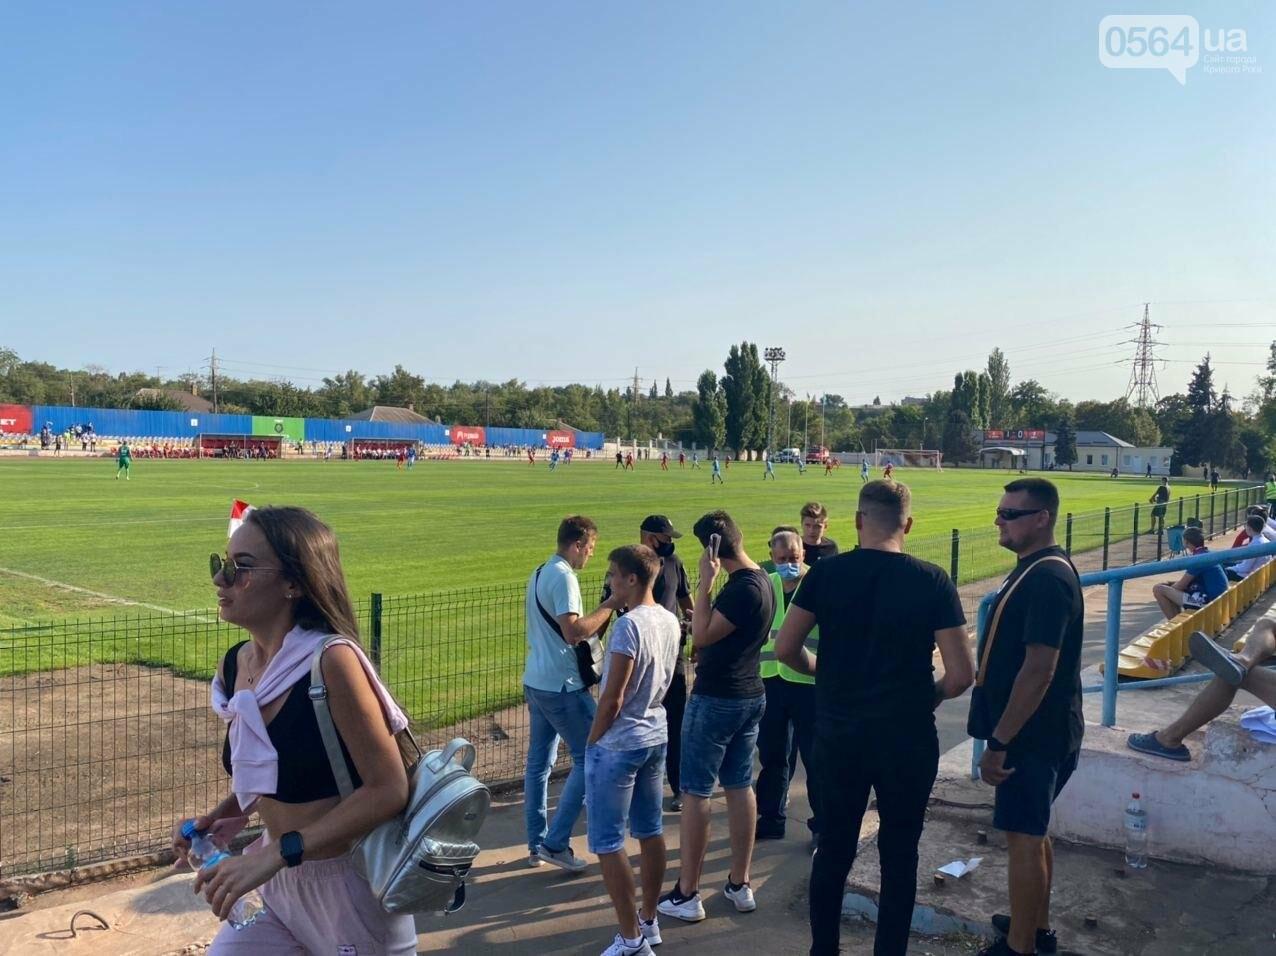 В Кривом Роге начался матч между ФК «Кривбасс» и ФК «Таврия»,  - ФОТО, ВИДЕО, фото-7